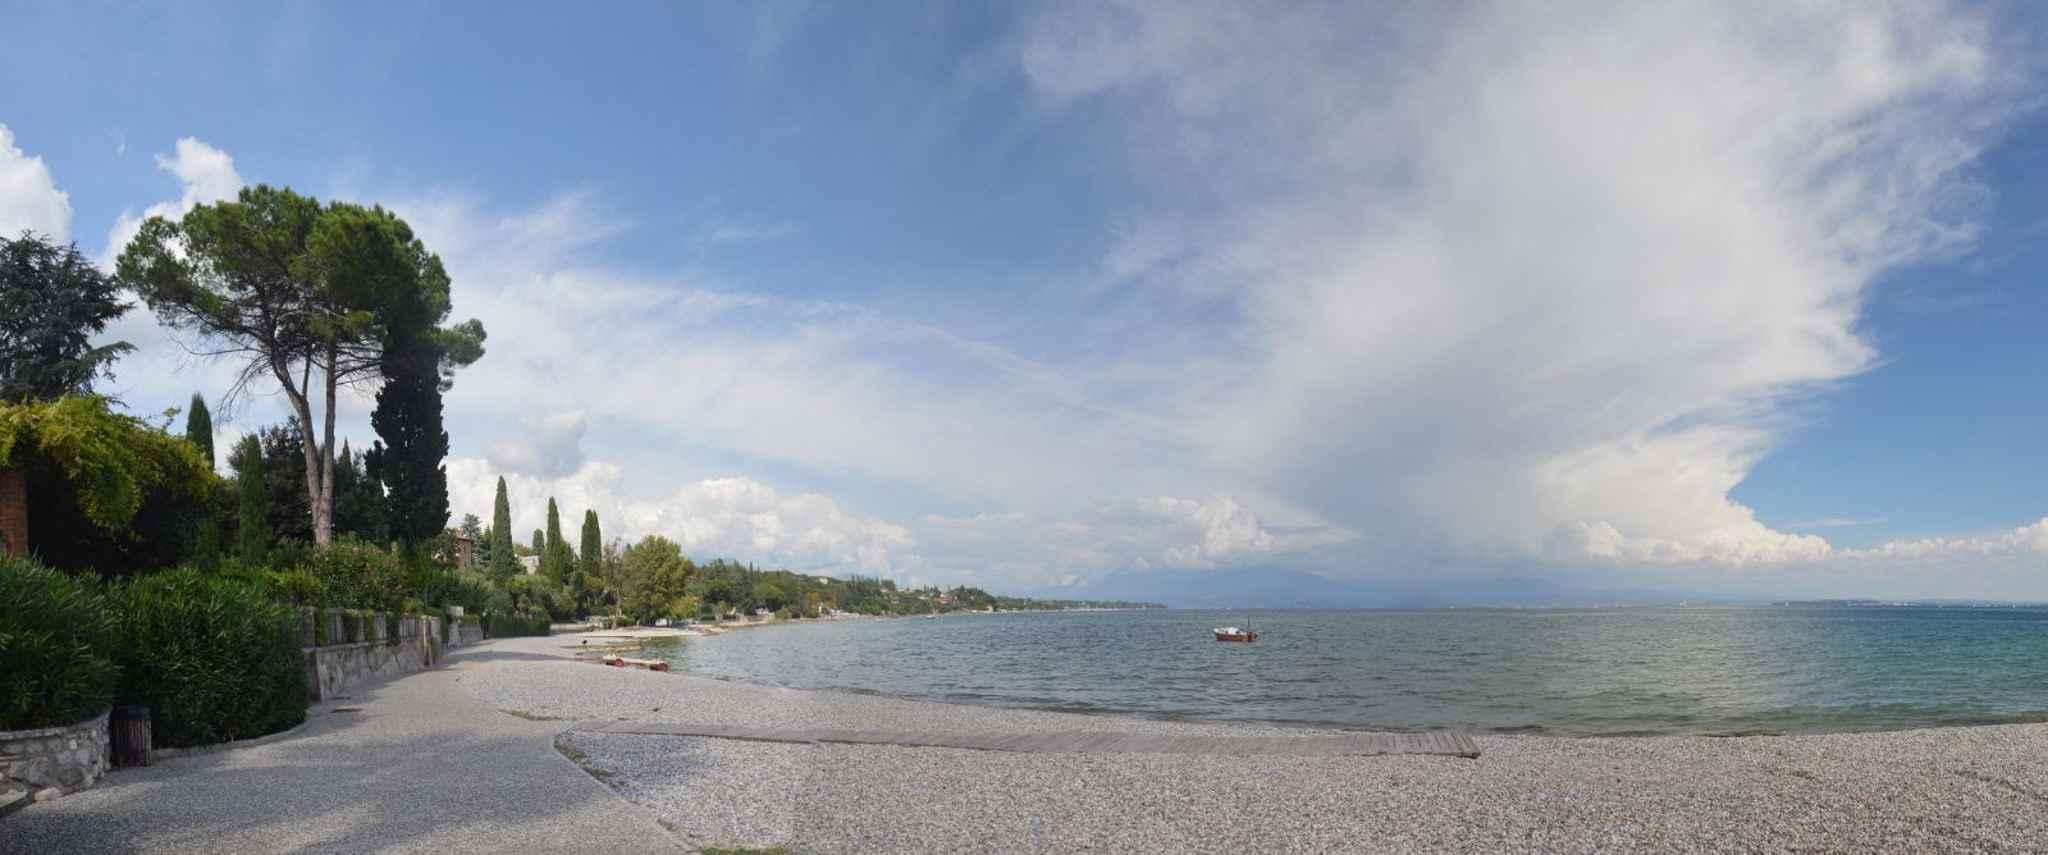 Ferienwohnung 400 m vom See mit Garten und Grill (1670470), Padenghe sul Garda, Gardasee, Lombardei, Italien, Bild 32